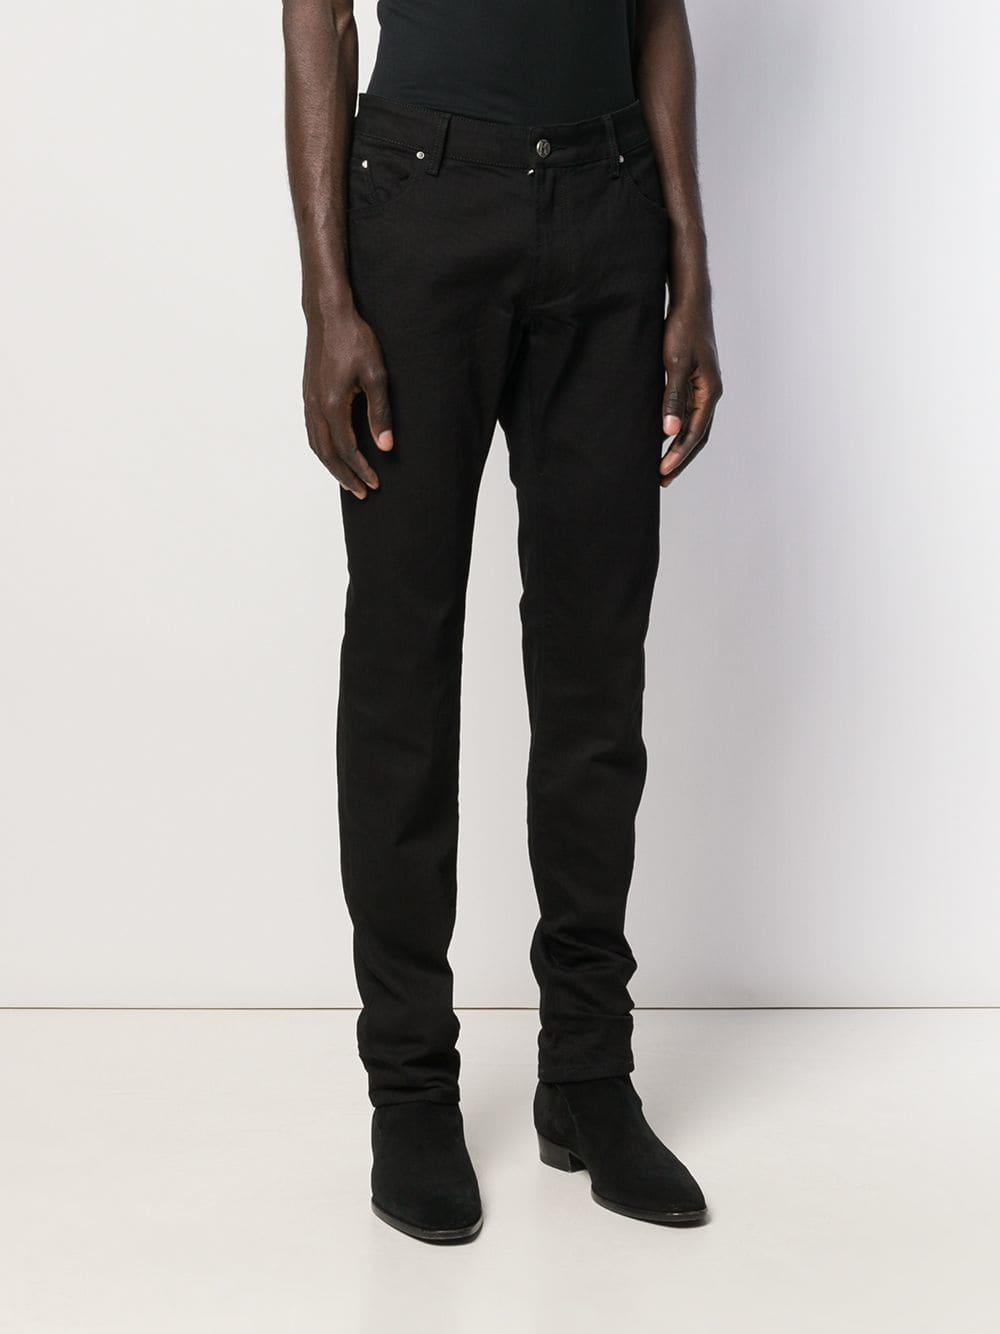 Karl Lagerfeld Katoen Low Rise Broek in het Zwart voor heren